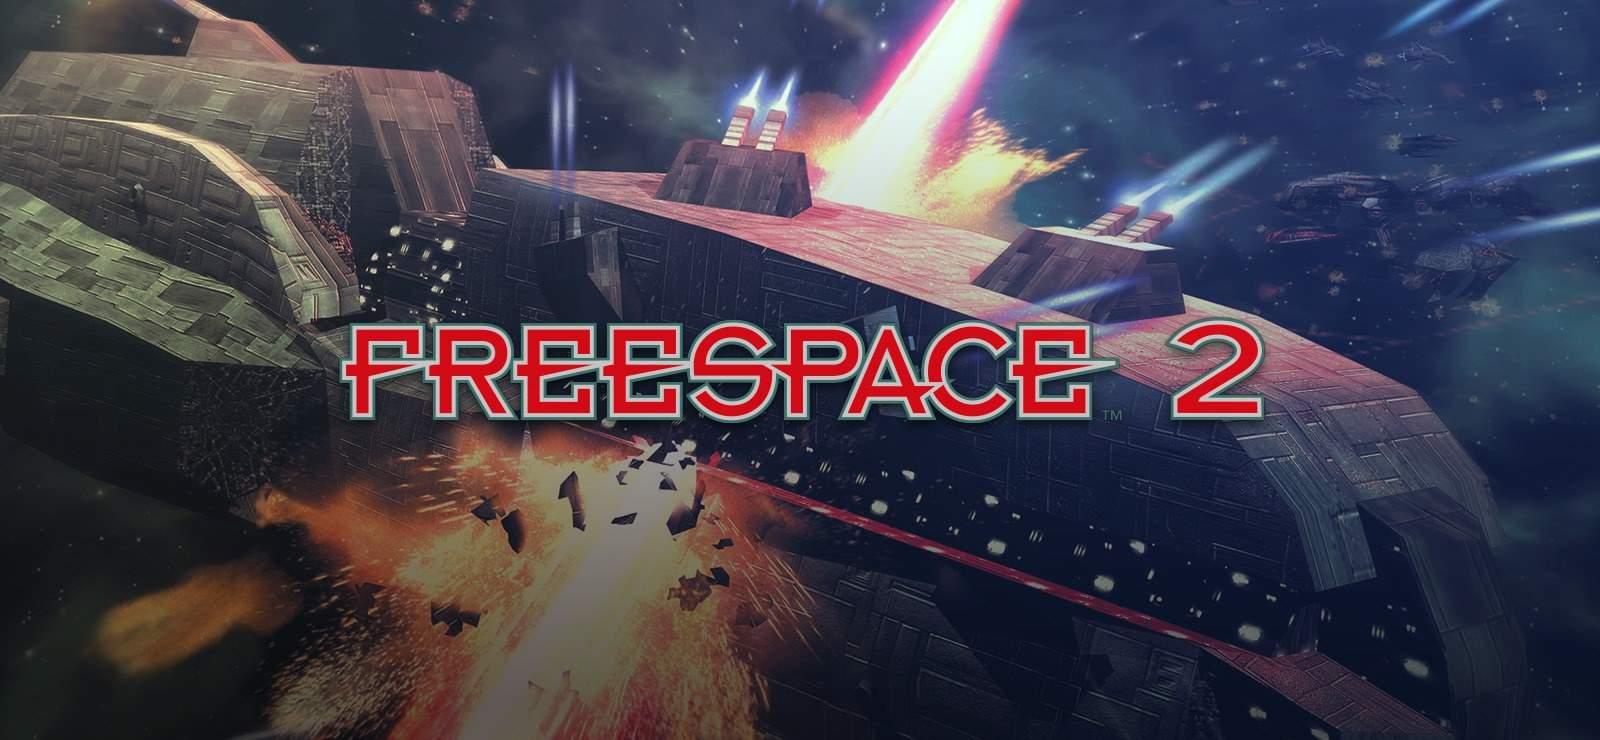 Freespace 2 Kostenlos und Herunterladen frei PC